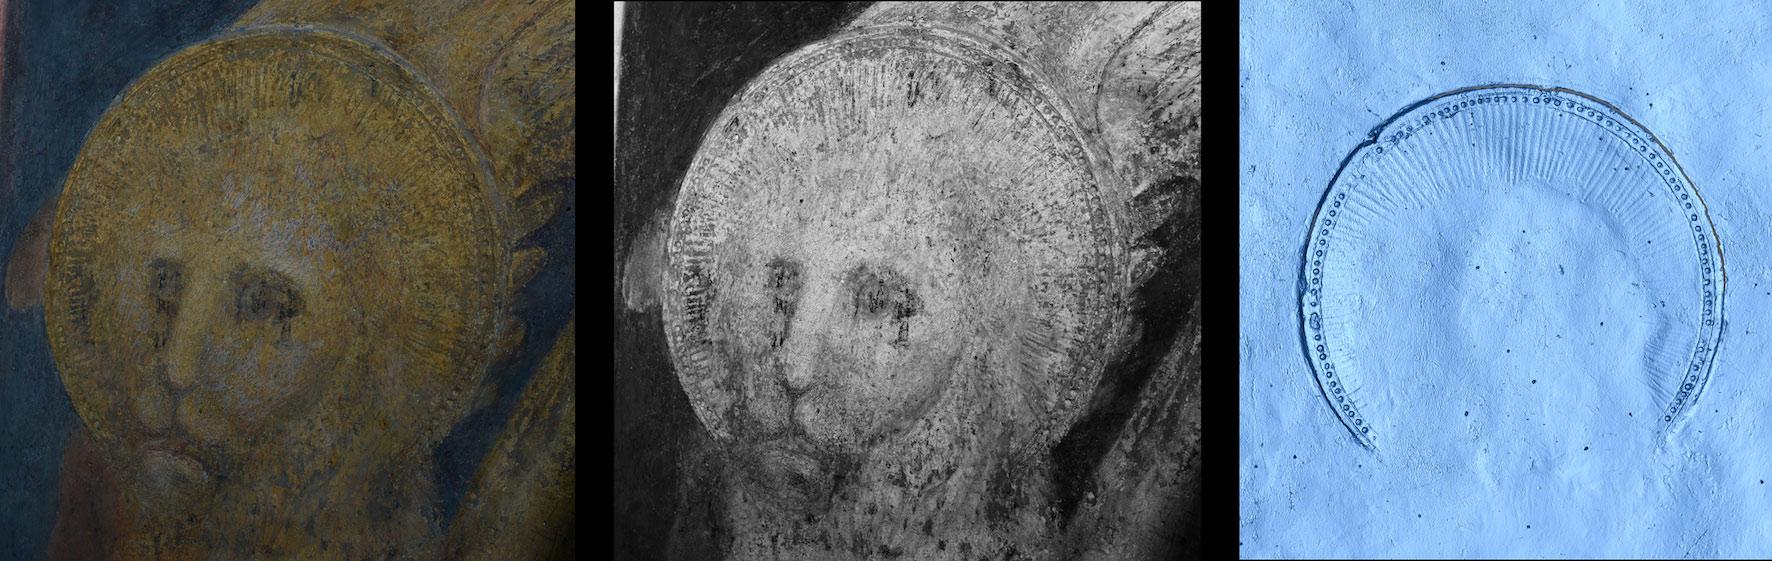 Padova, a Palazzo della Ragione individuate tracce degli affreschi del '300 distrutti